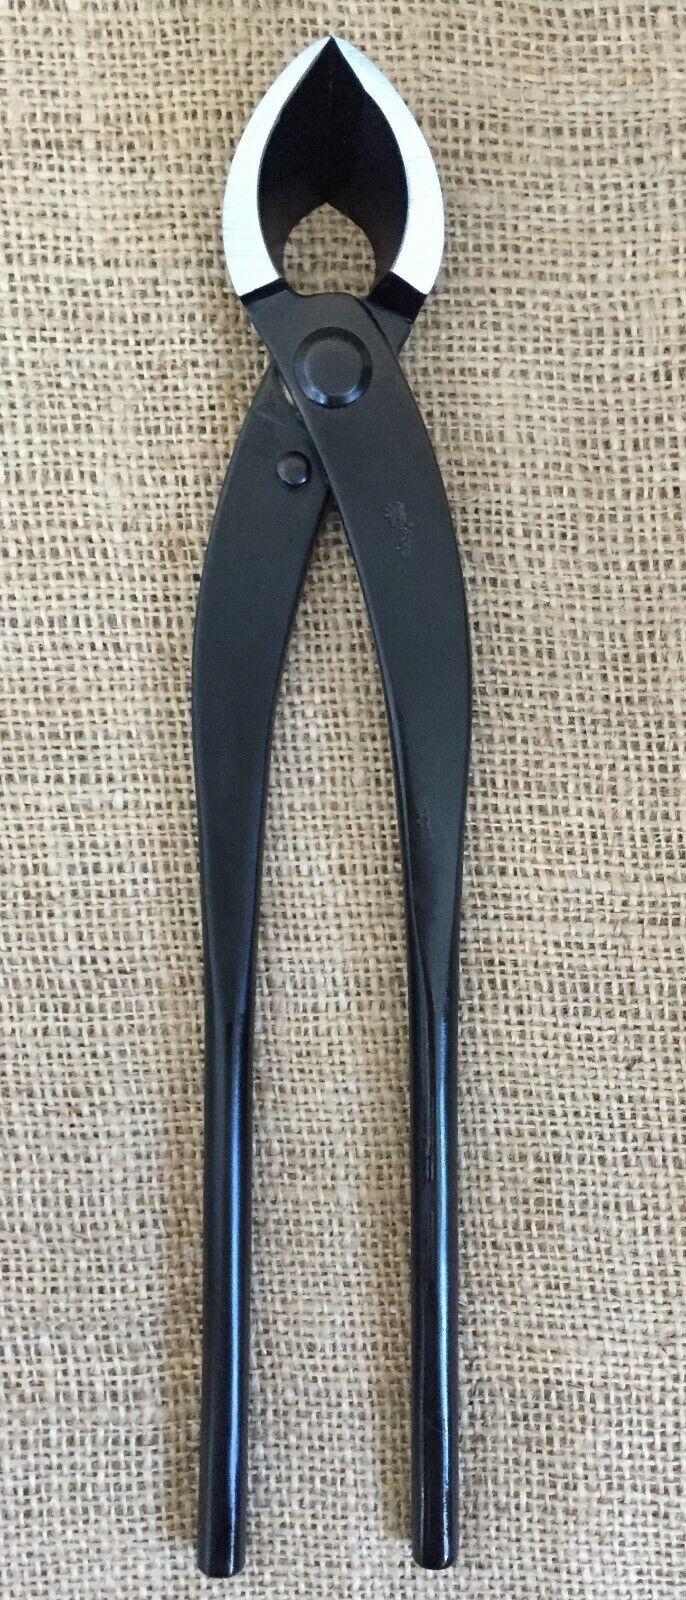 Ryuga Bonsai herramientas grande negro de acero al Cochebono 280mm Cortador de sucursal